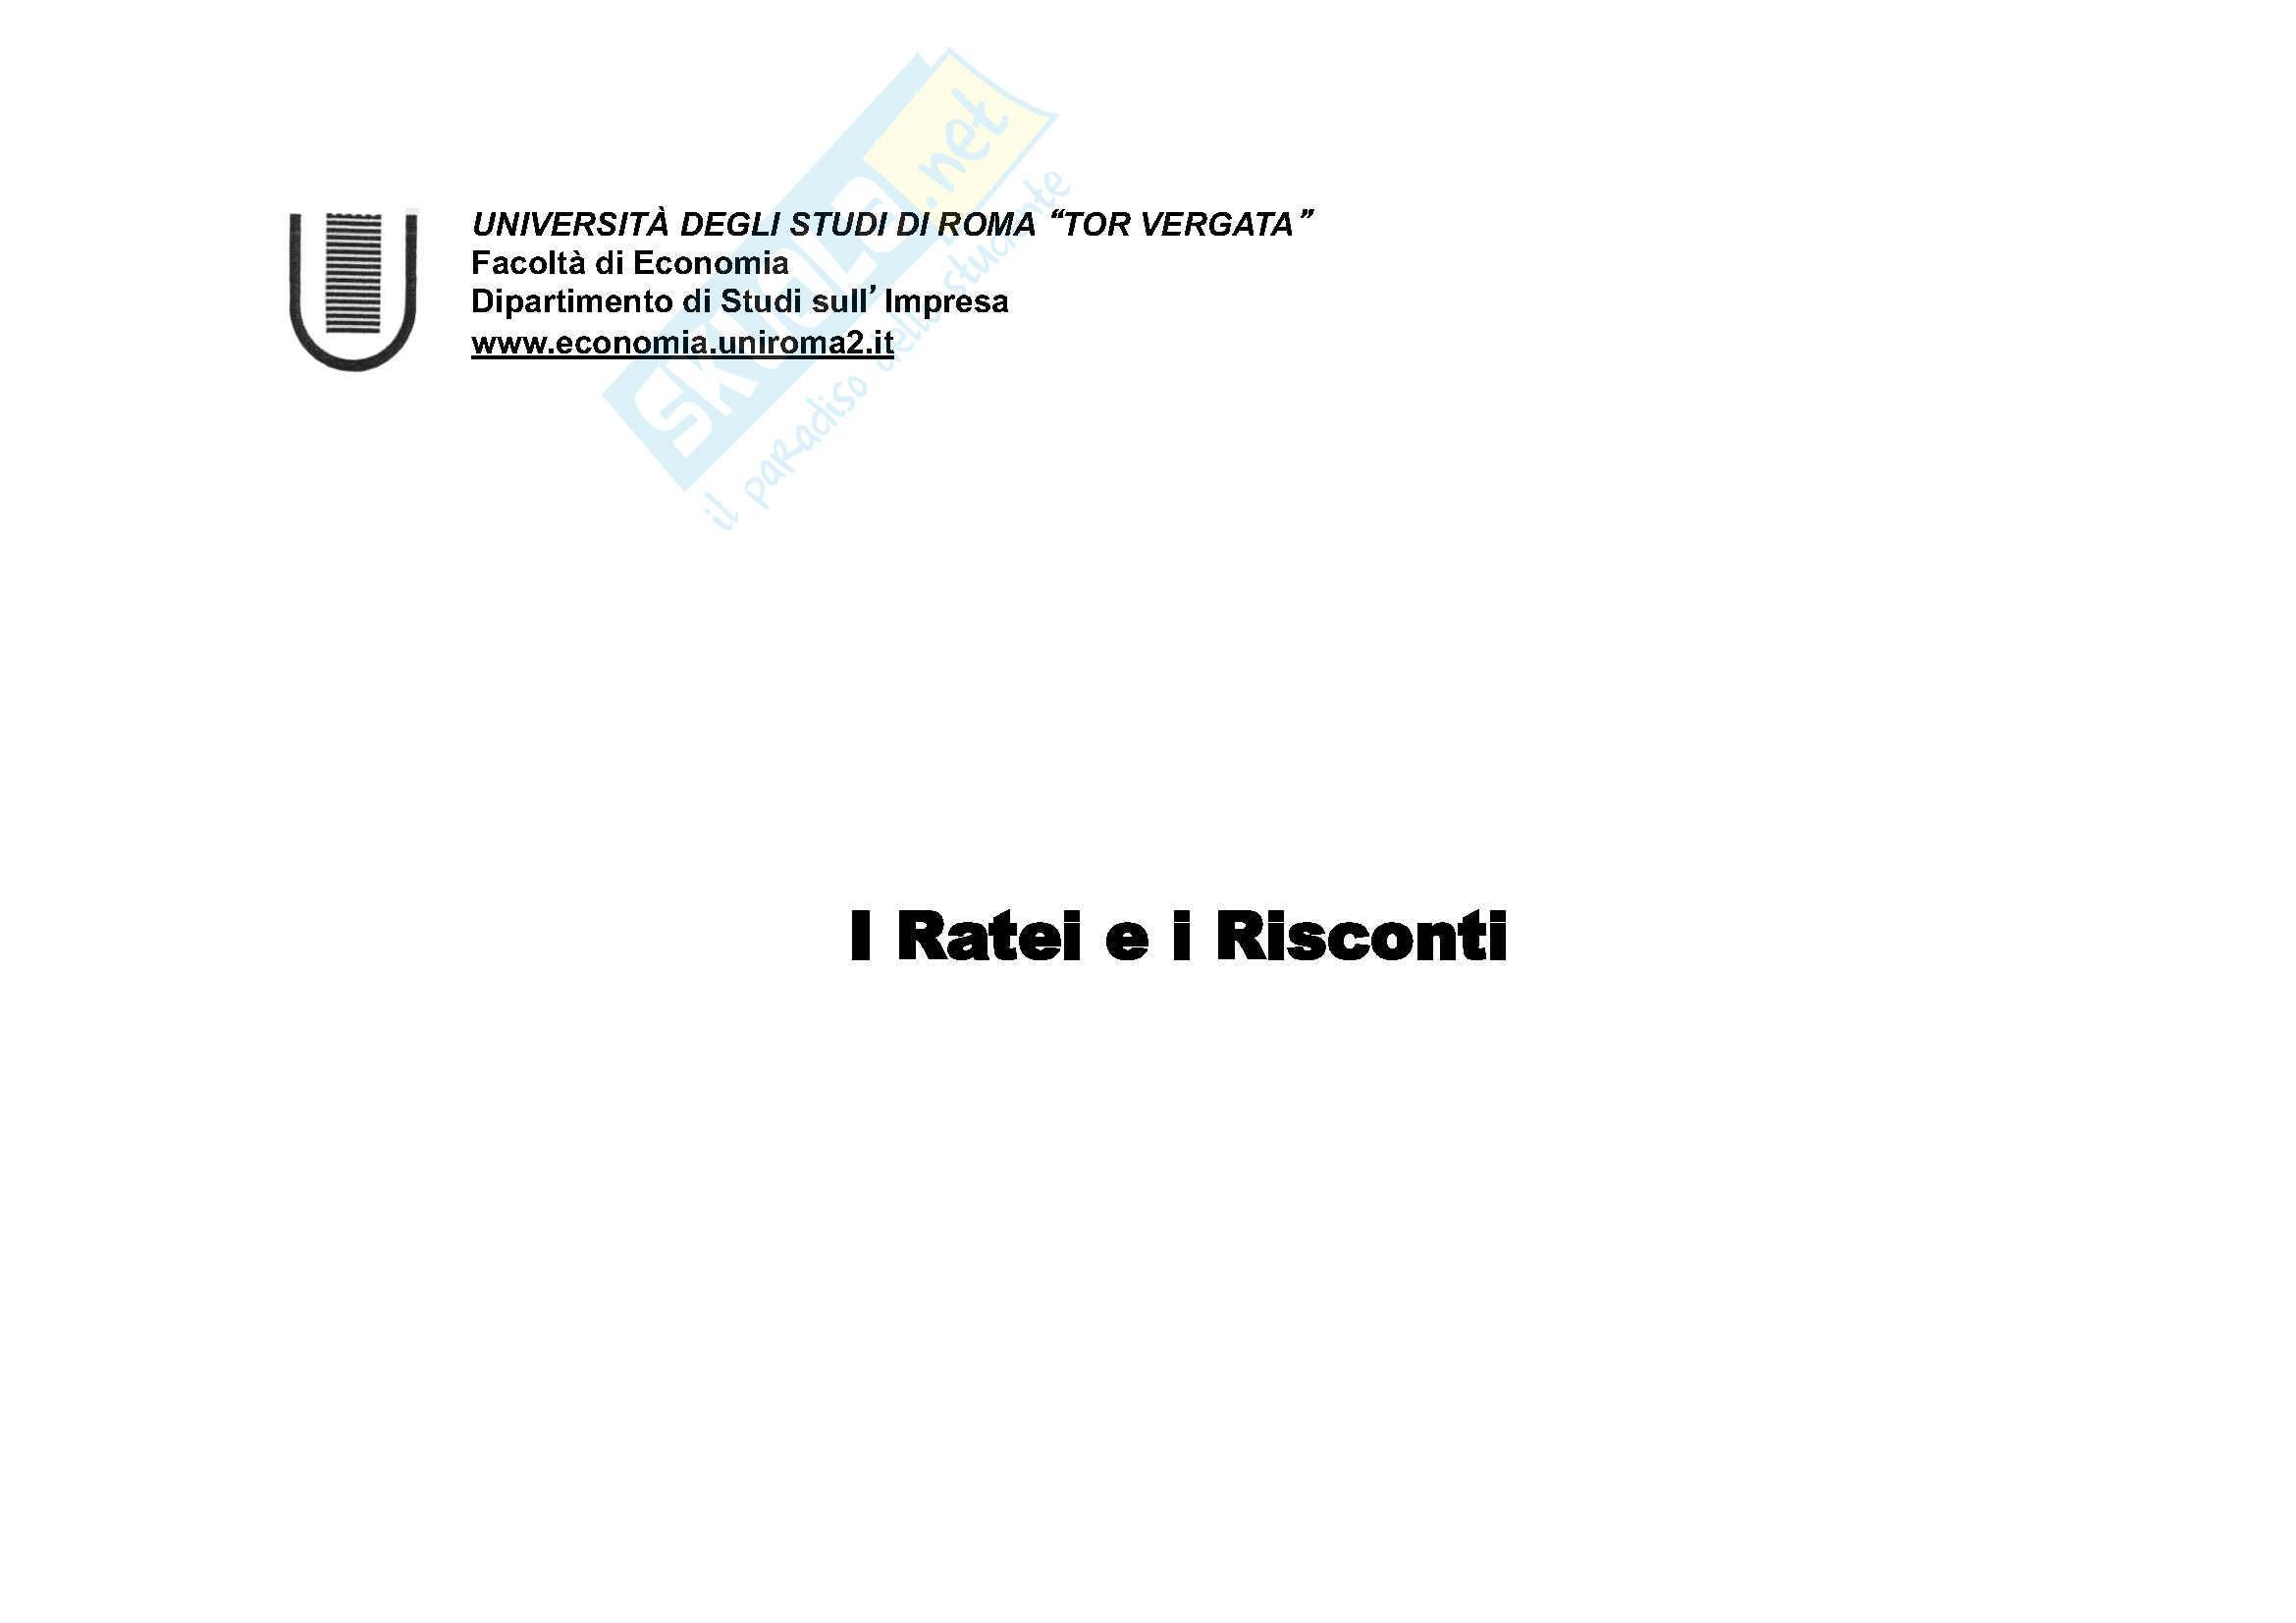 Ragioneria - Ratei e risconti